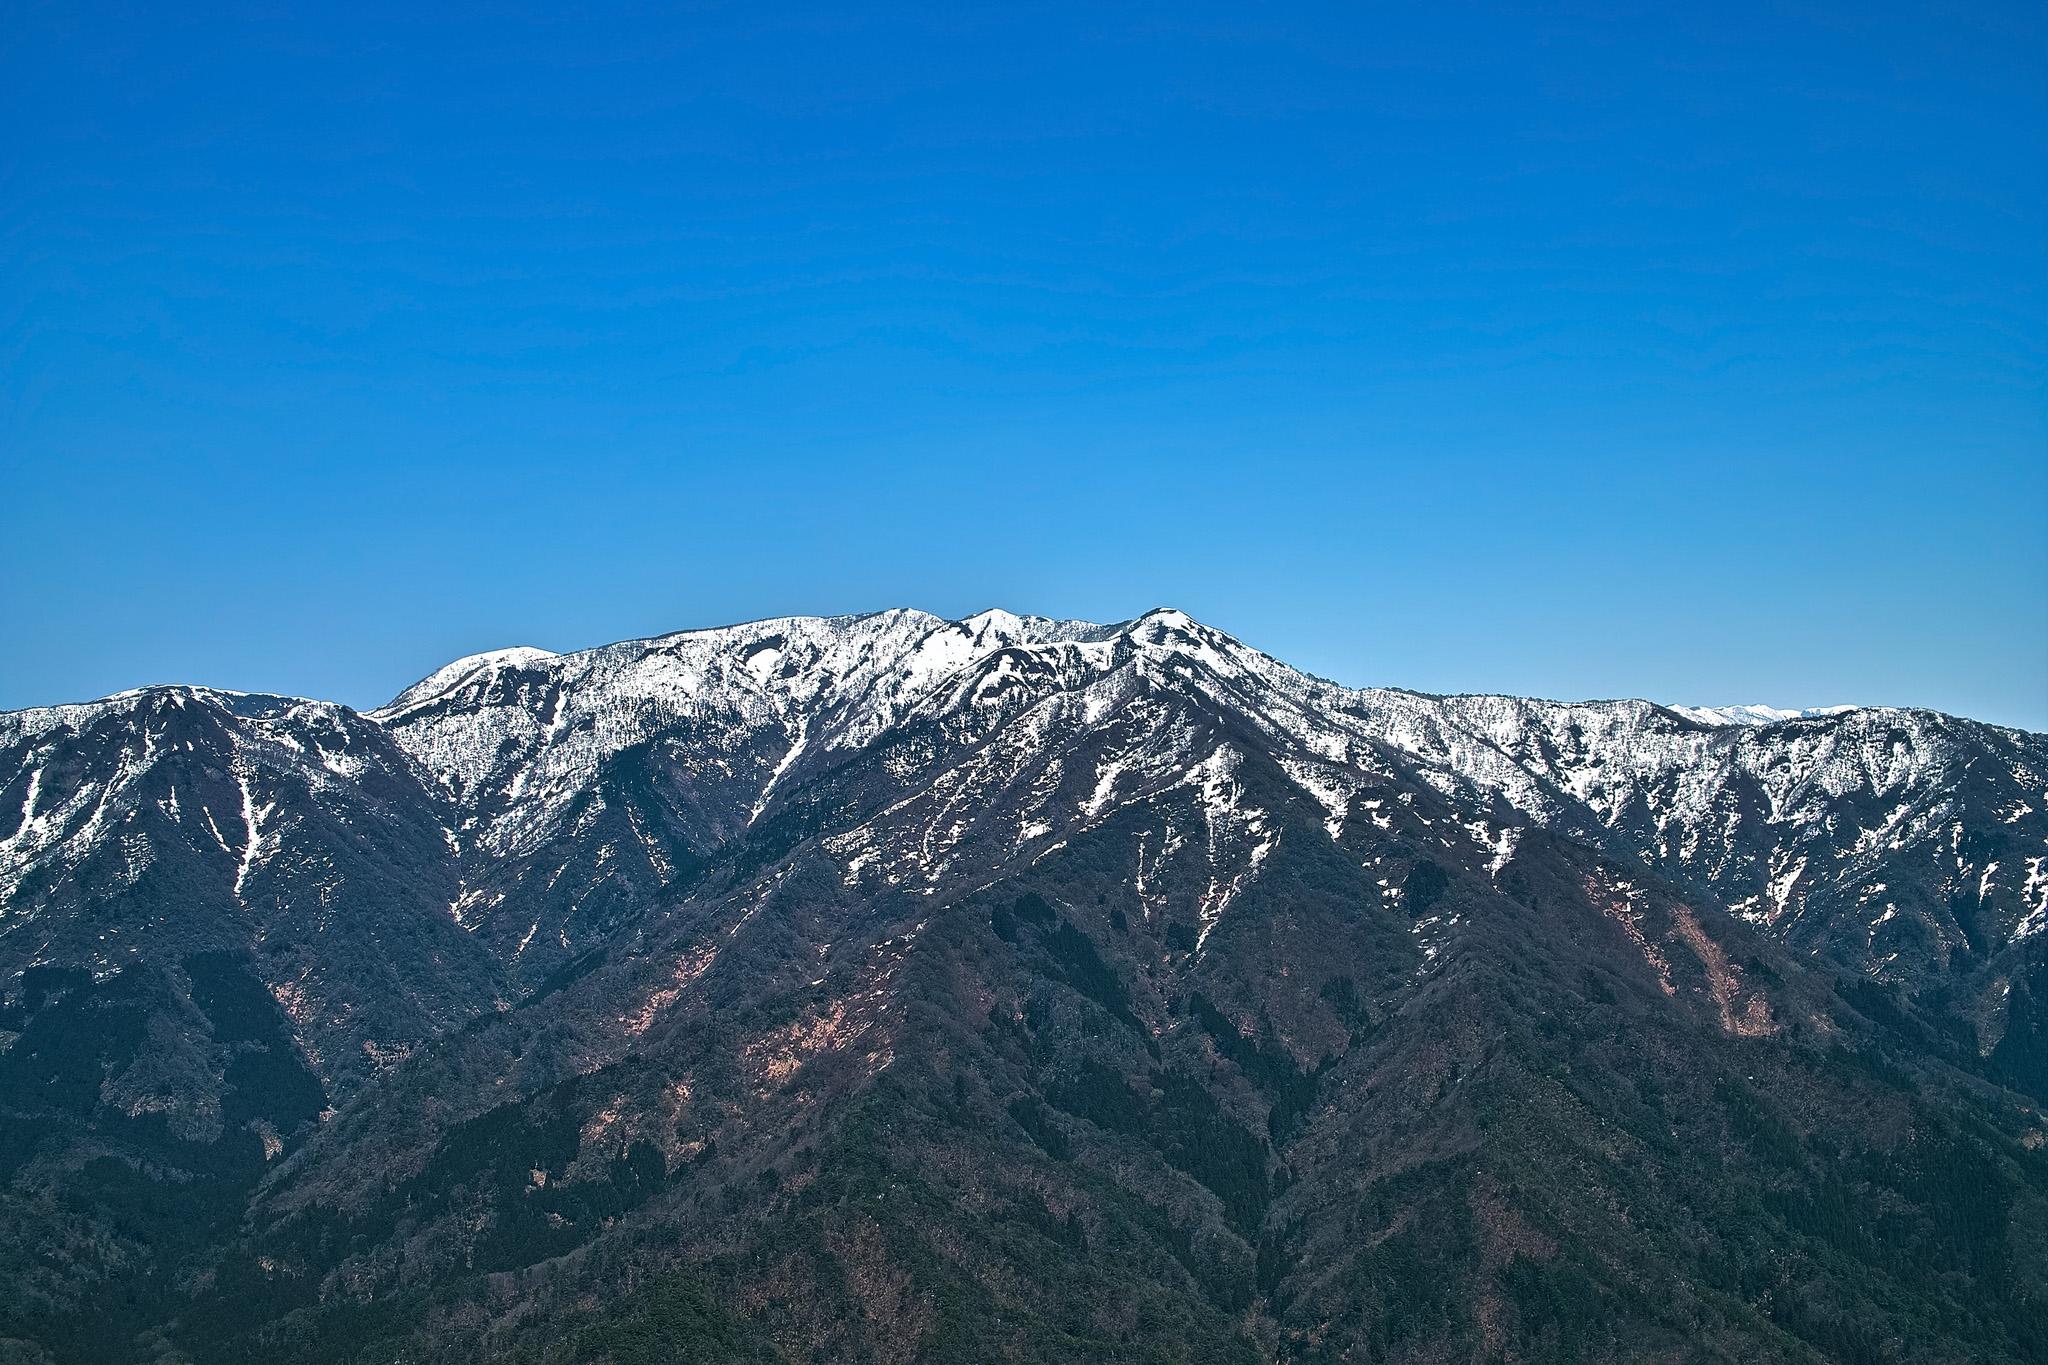 「山巓に白い雪がある山」の画像を無料ダウンロード